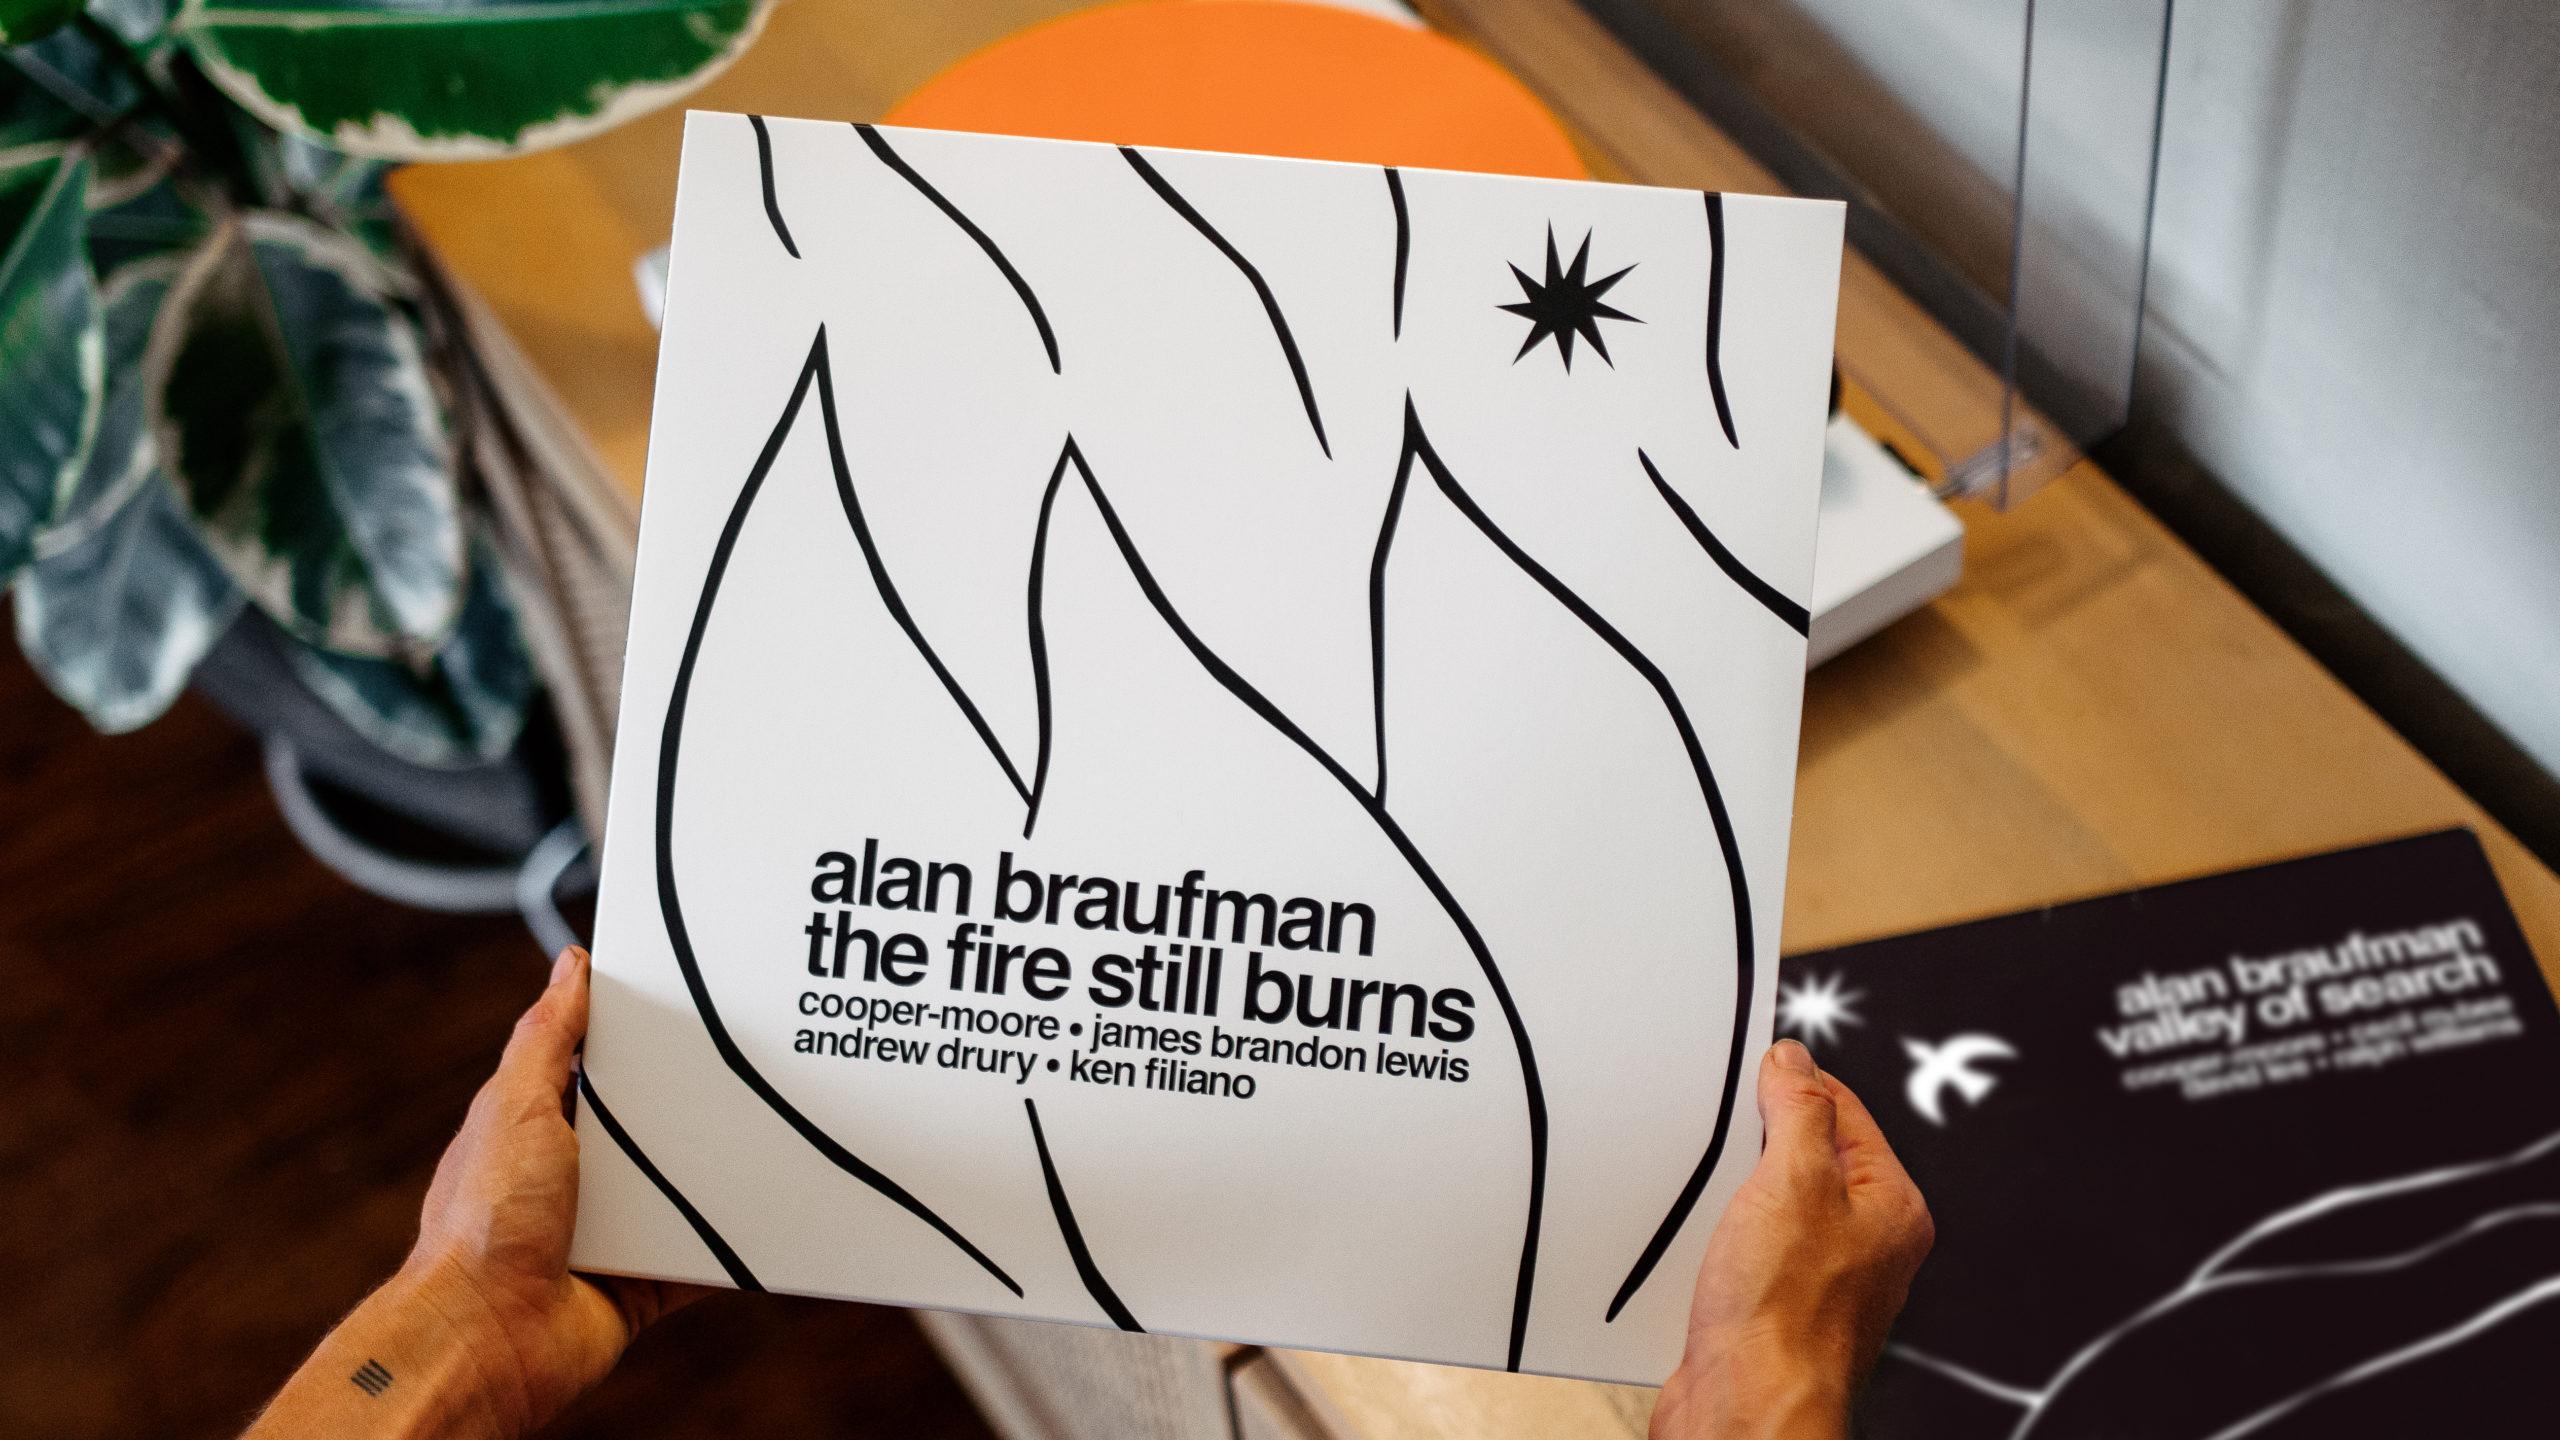 alan braufman fire still burns